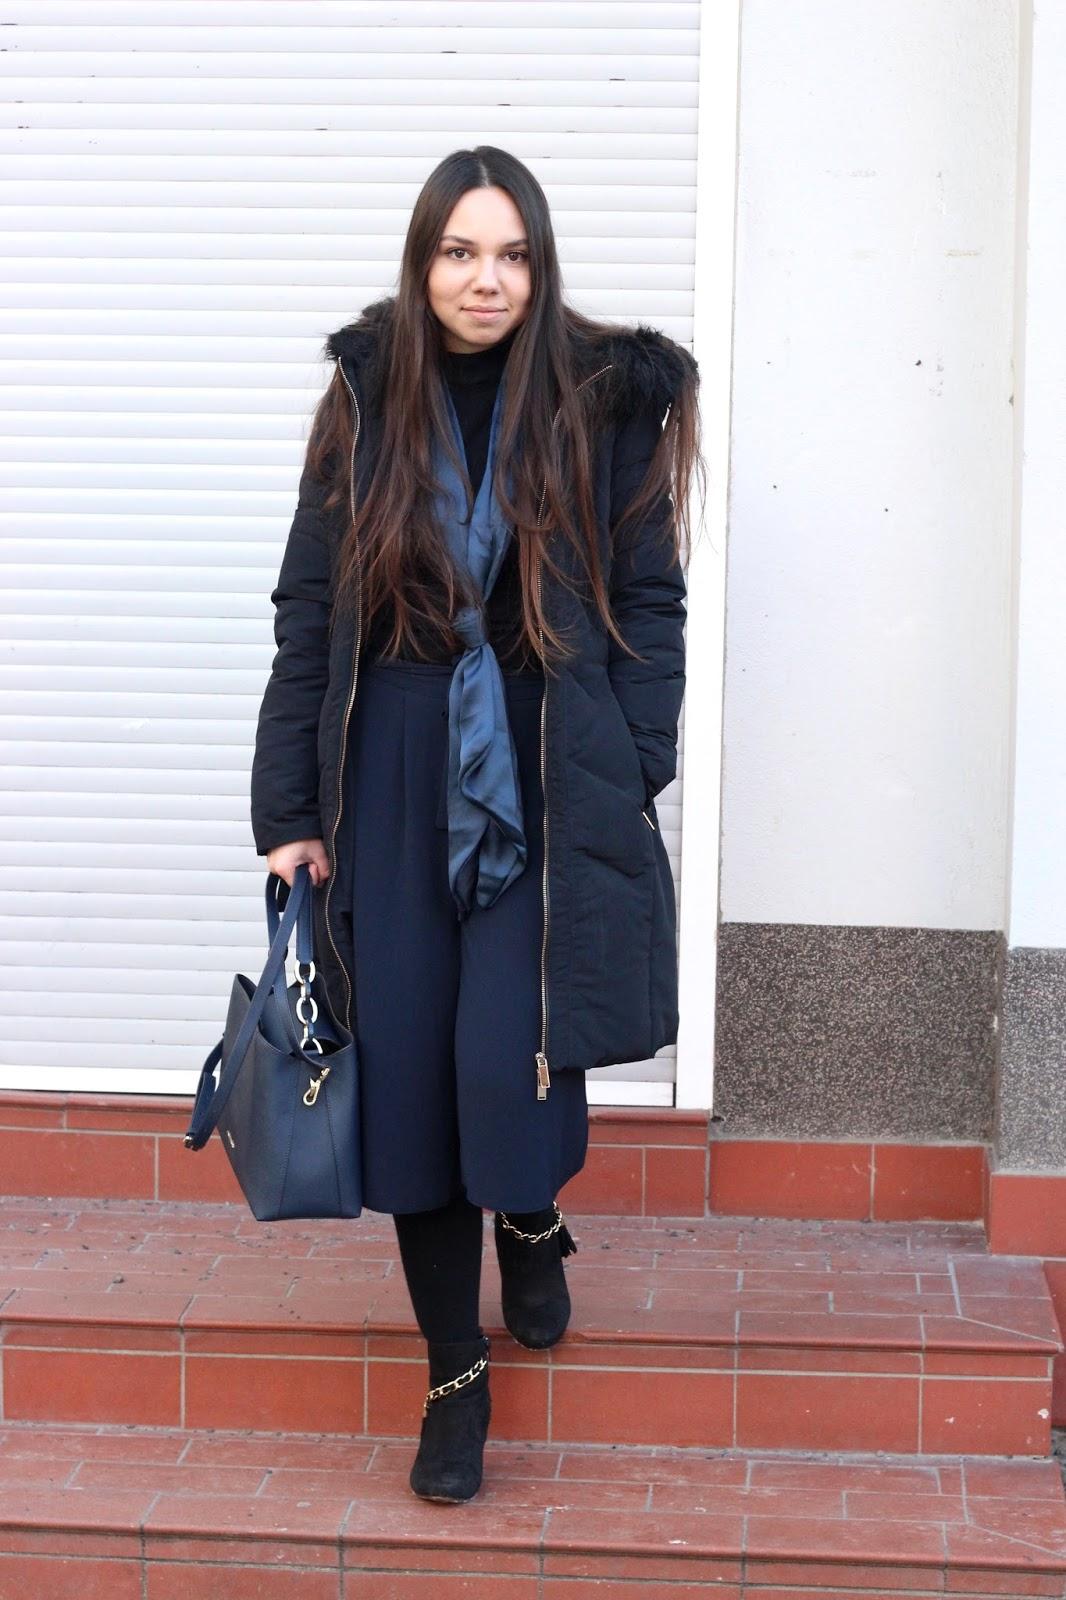 outfit dunkelblau und schwarz wintertauglich